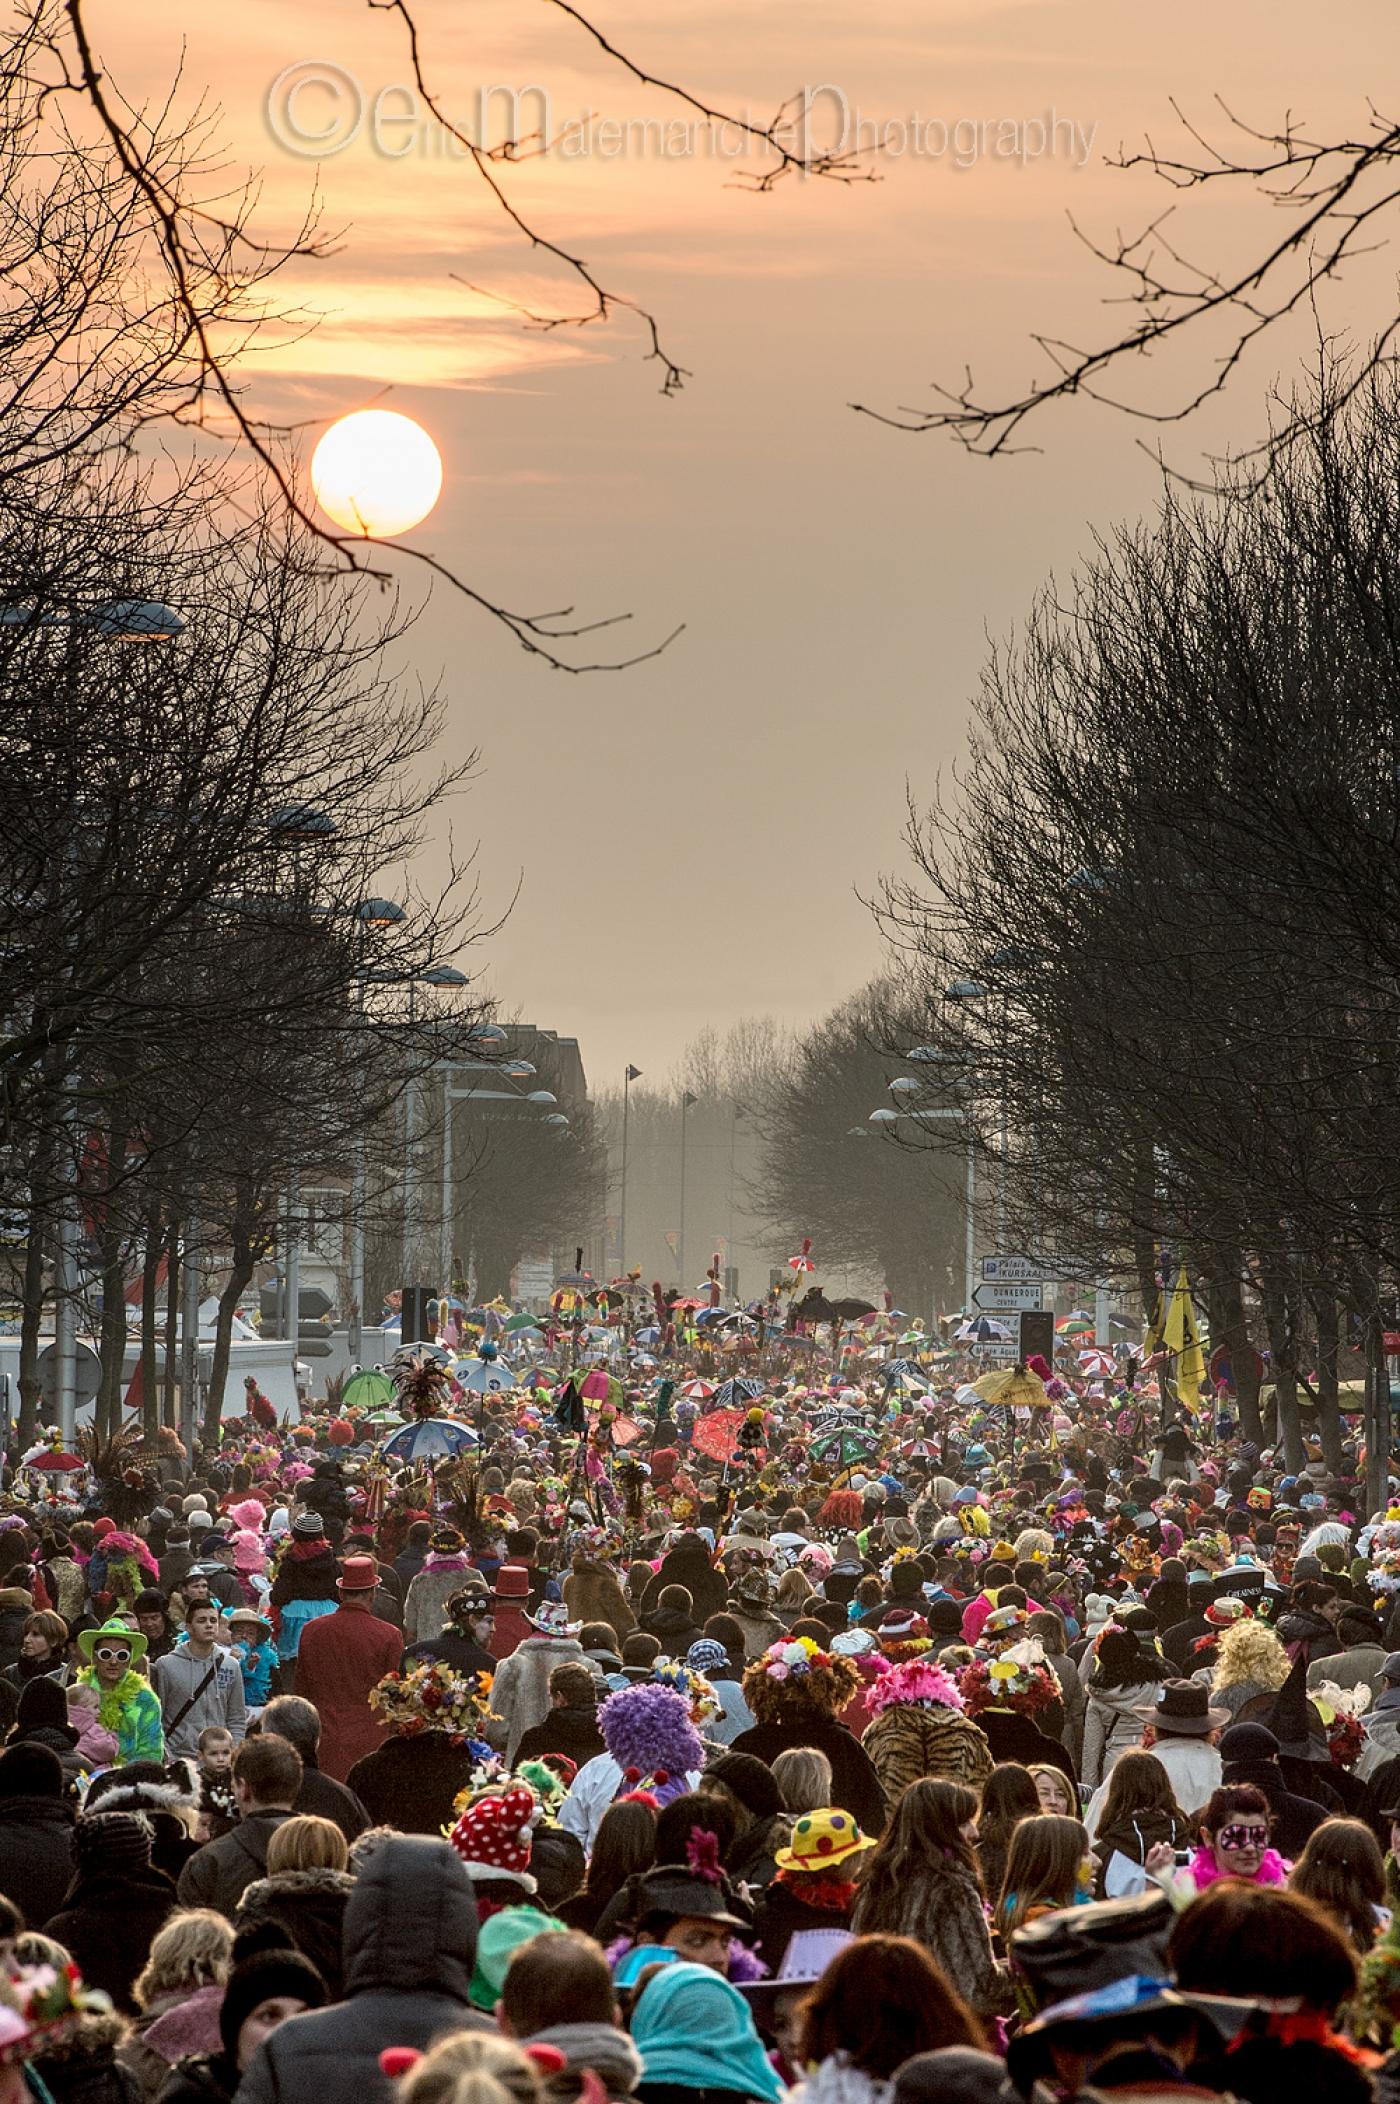 https://www.ericmalemanche.com/imagess/topics/carnaval-de-dunkerque/liste/Carnaval-Dunkerque-6226.jpg